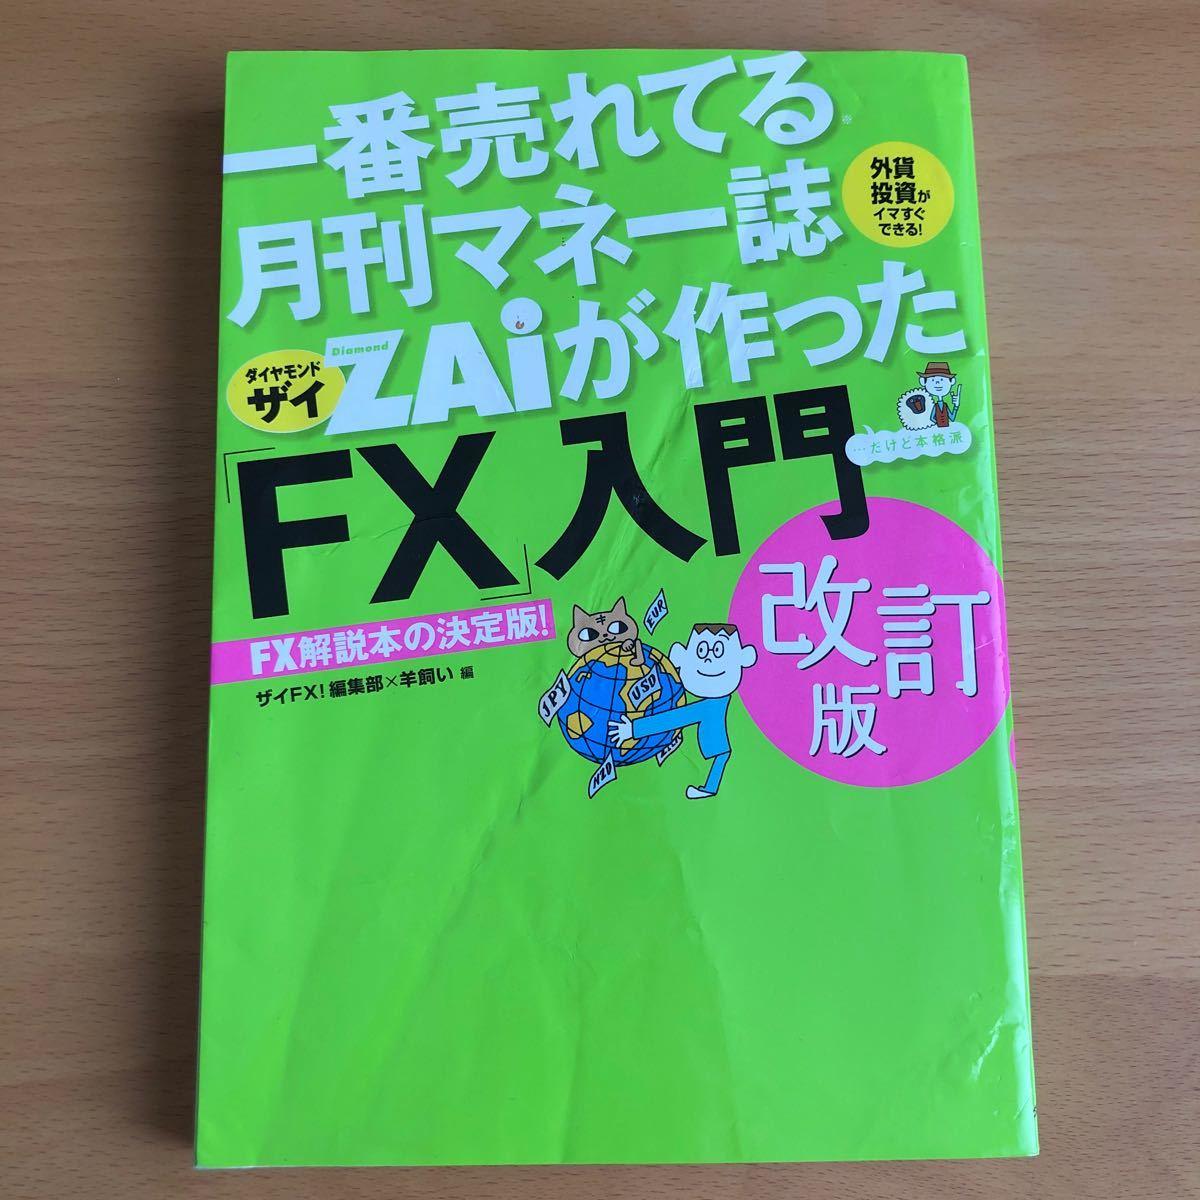 一番売れてる月刊マネー誌ZAiが作った「FX」入門 …だけど本格派 外貨投資がイマすぐできる! FX解説